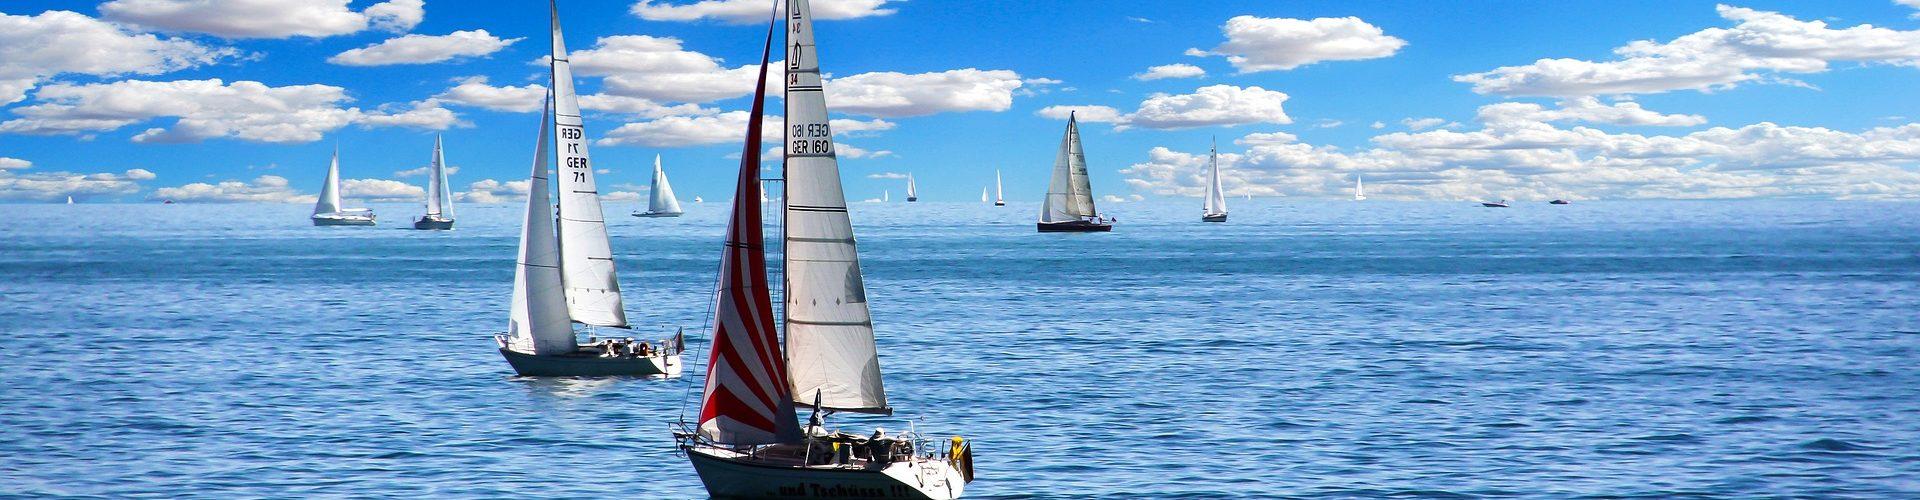 segeln lernen in Königshütte segelschein machen in Königshütte 1920x500 - Segeln lernen in Königshütte